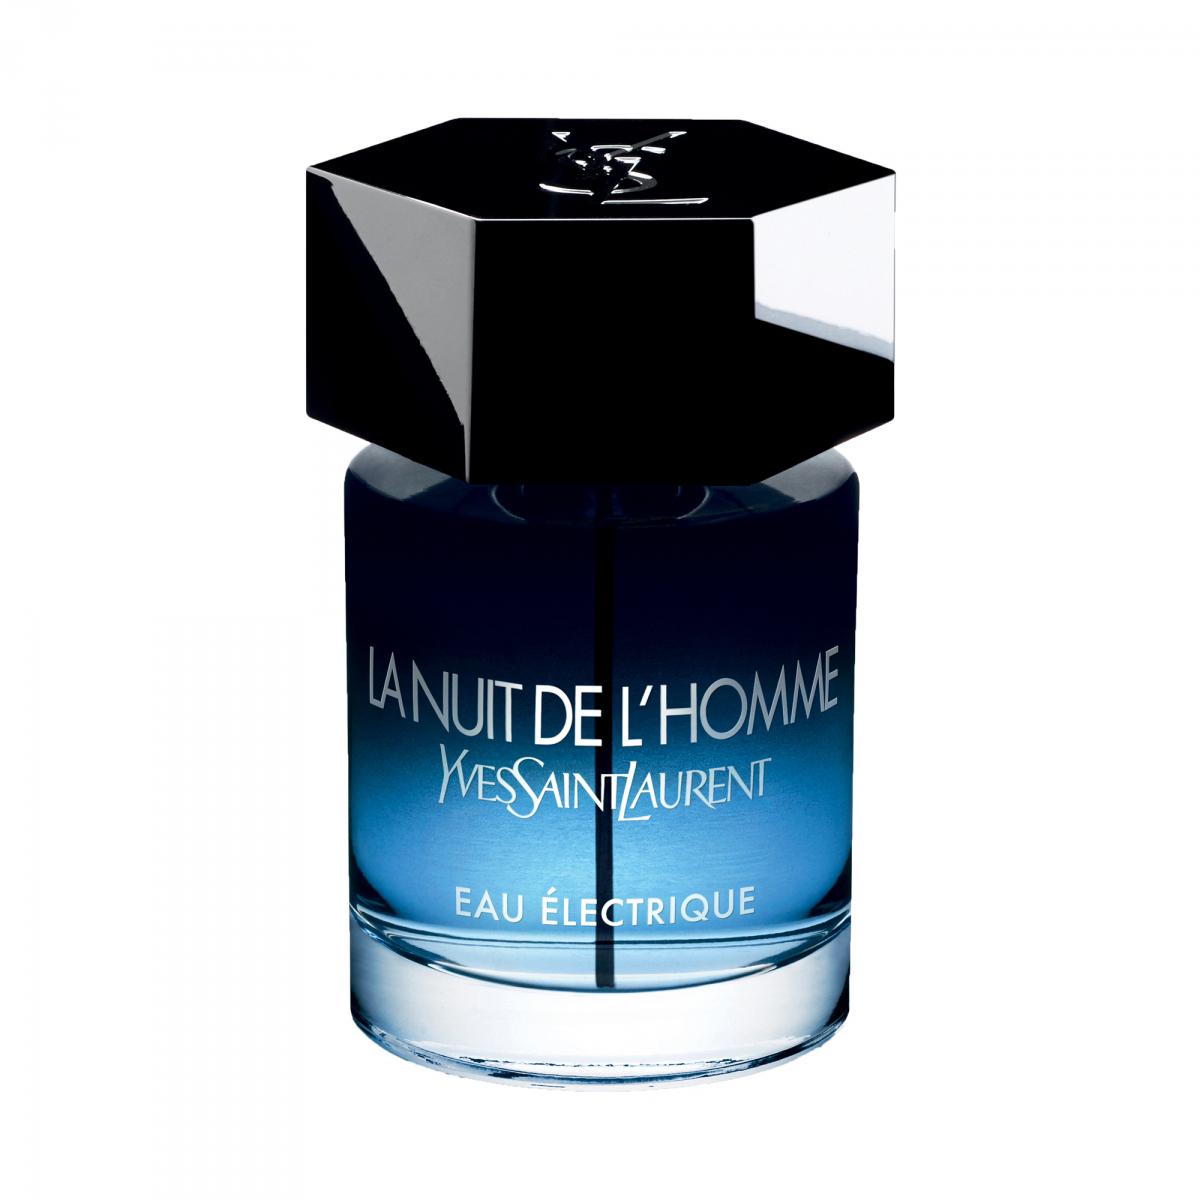 Yves Saint Laurent - La Nuit de l'Homme Eau Electrique - Eau de Toilette